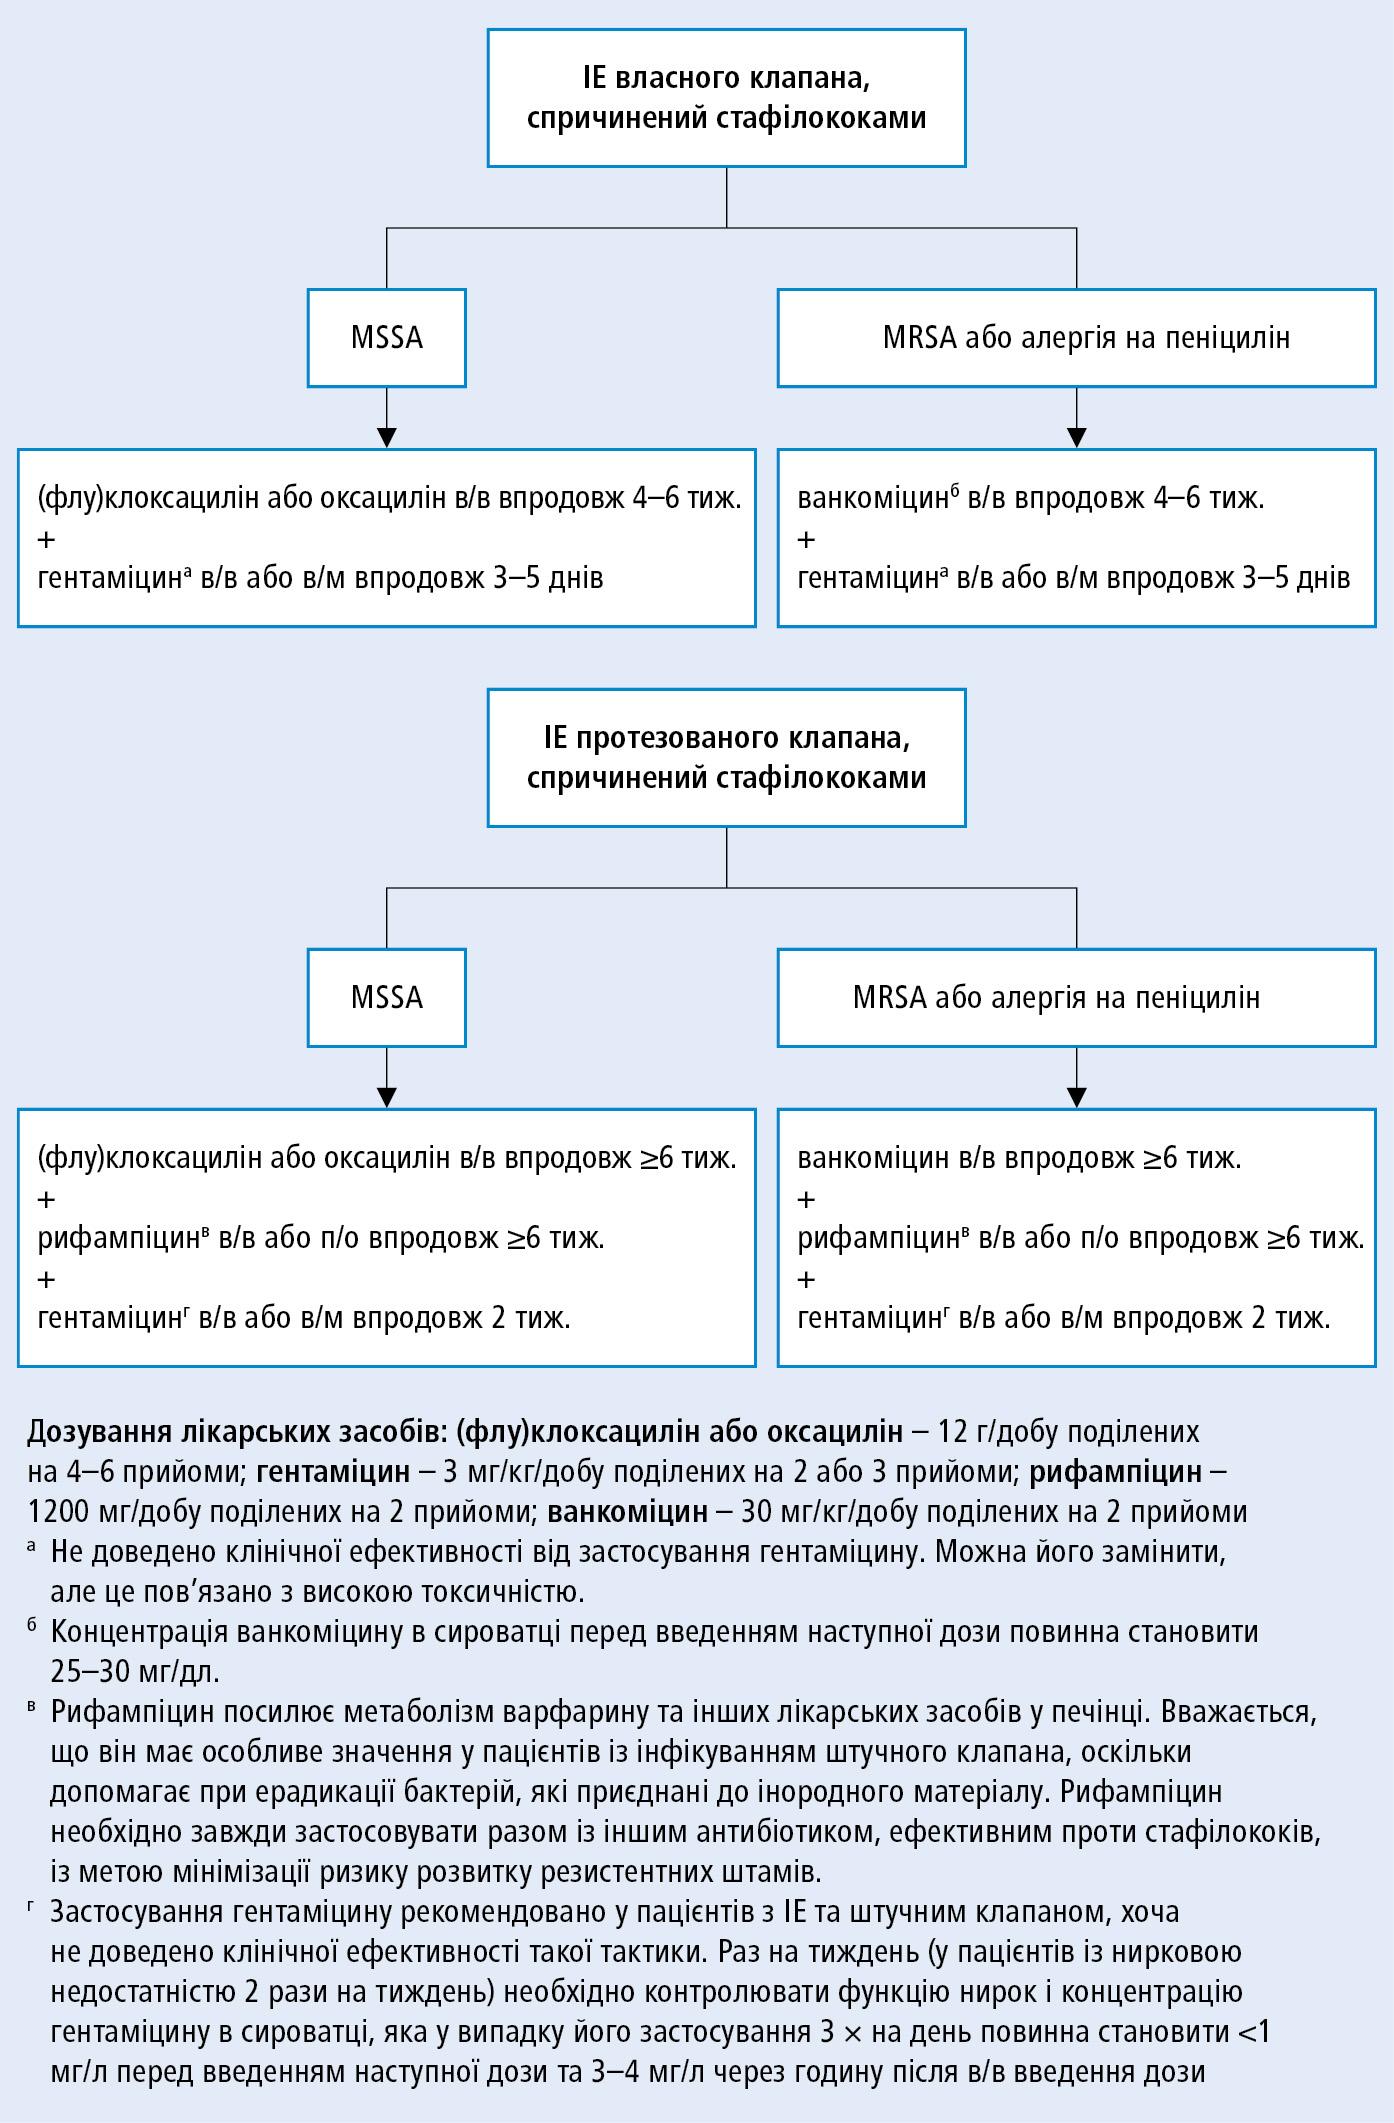 Цільова антибіотикотерапія при ІЕ, спричиненому стафілококами (на основі рекомендацій ESC 2015, змодифіковано)